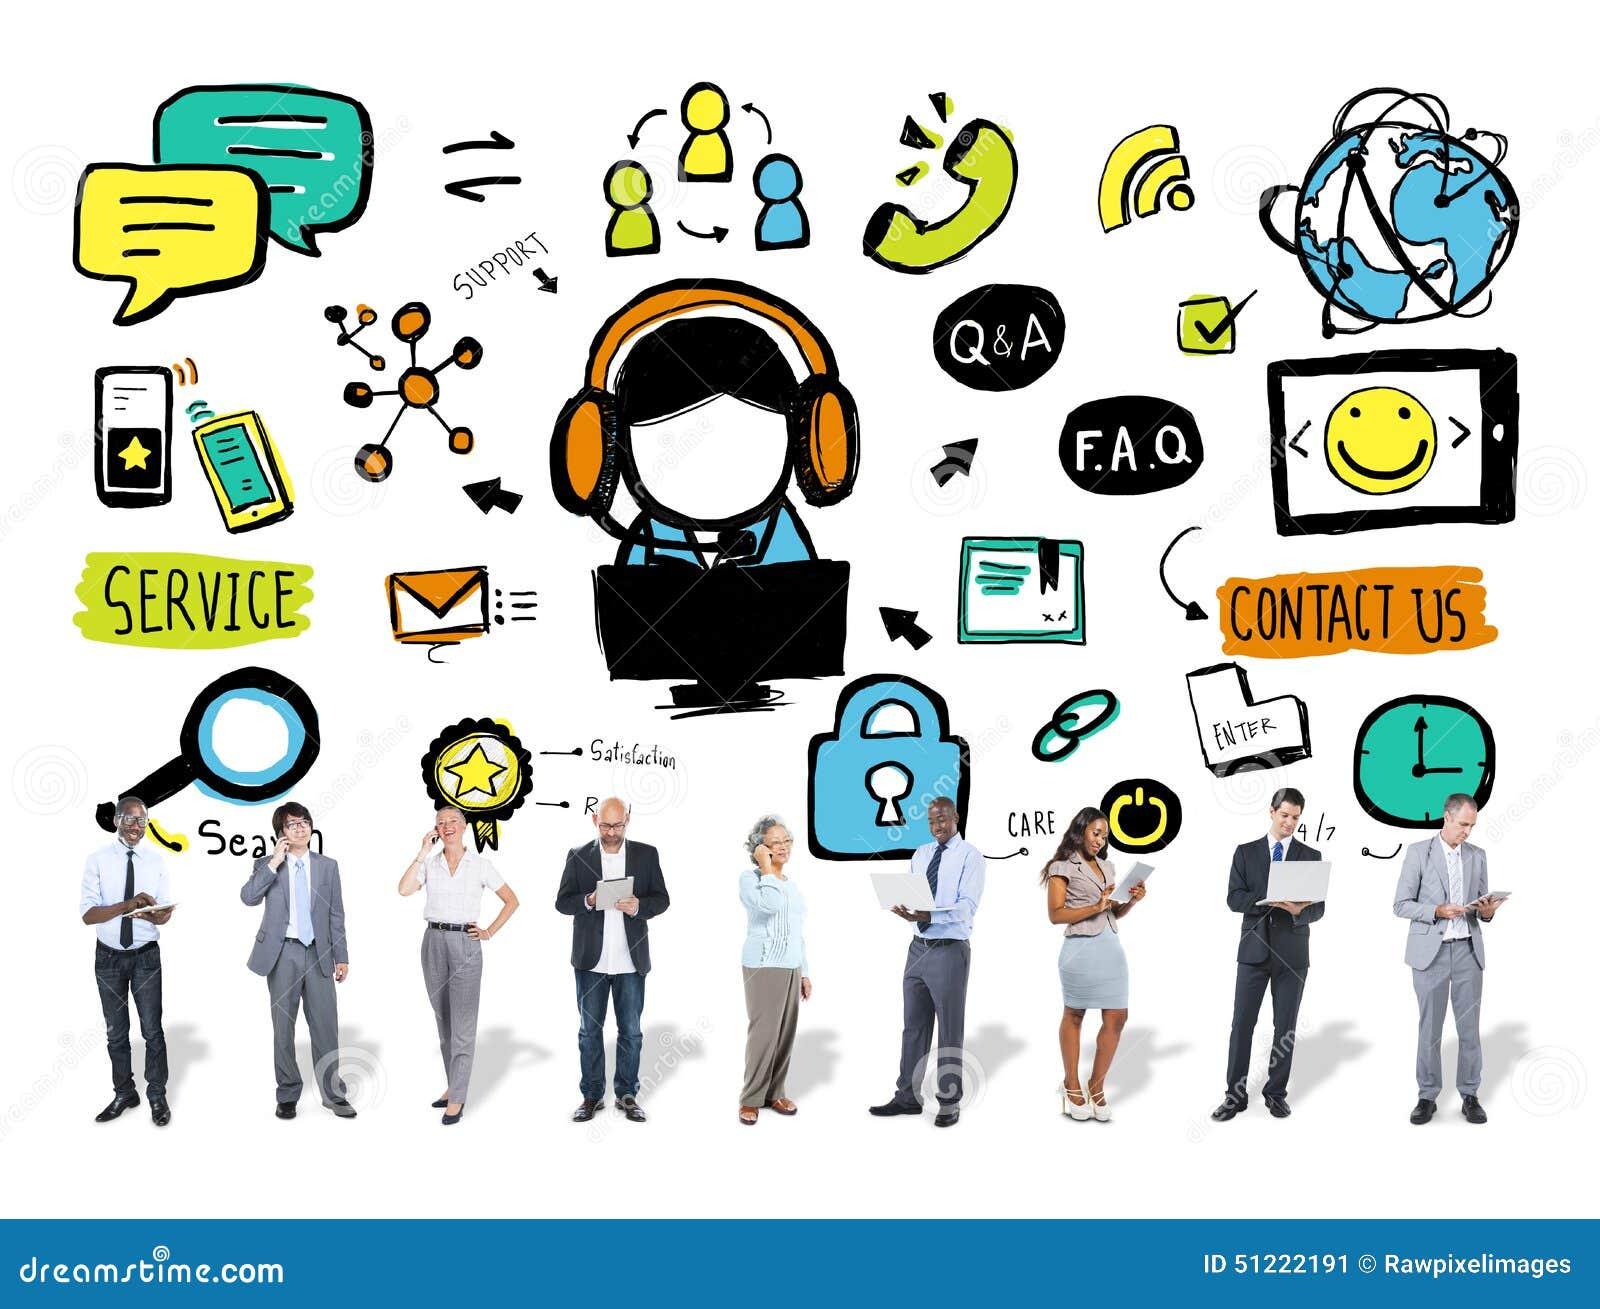 El cliente y la calidad del servicio - GestioPolis